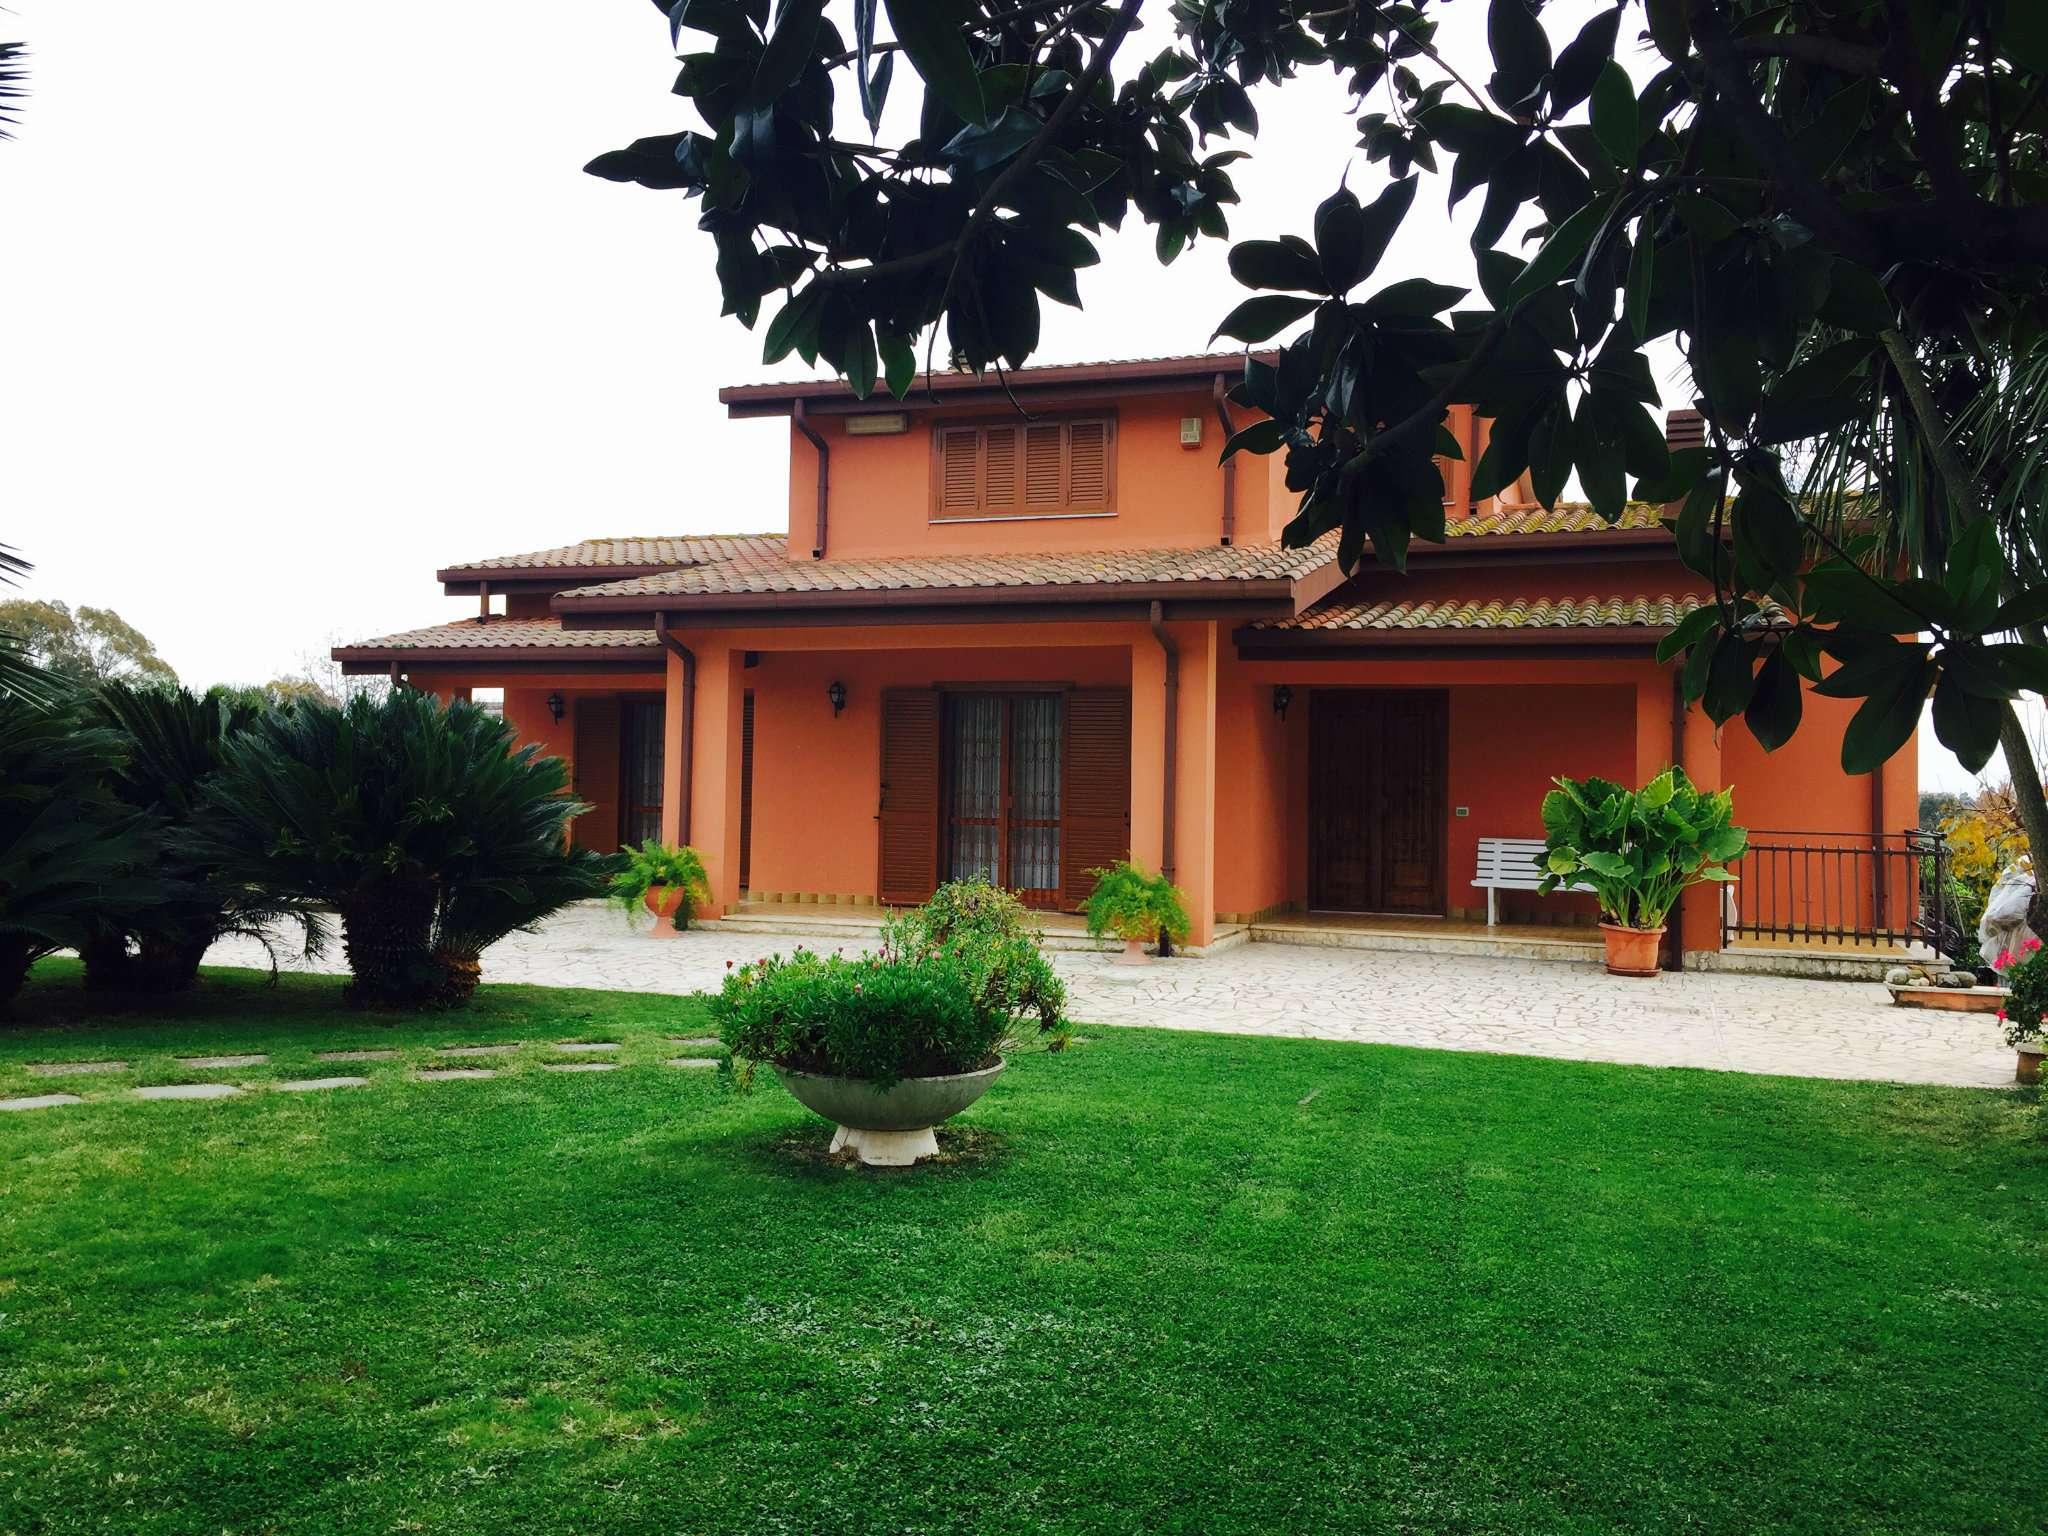 Villa in vendita a Aprilia, 10 locali, prezzo € 320.000 | CambioCasa.it